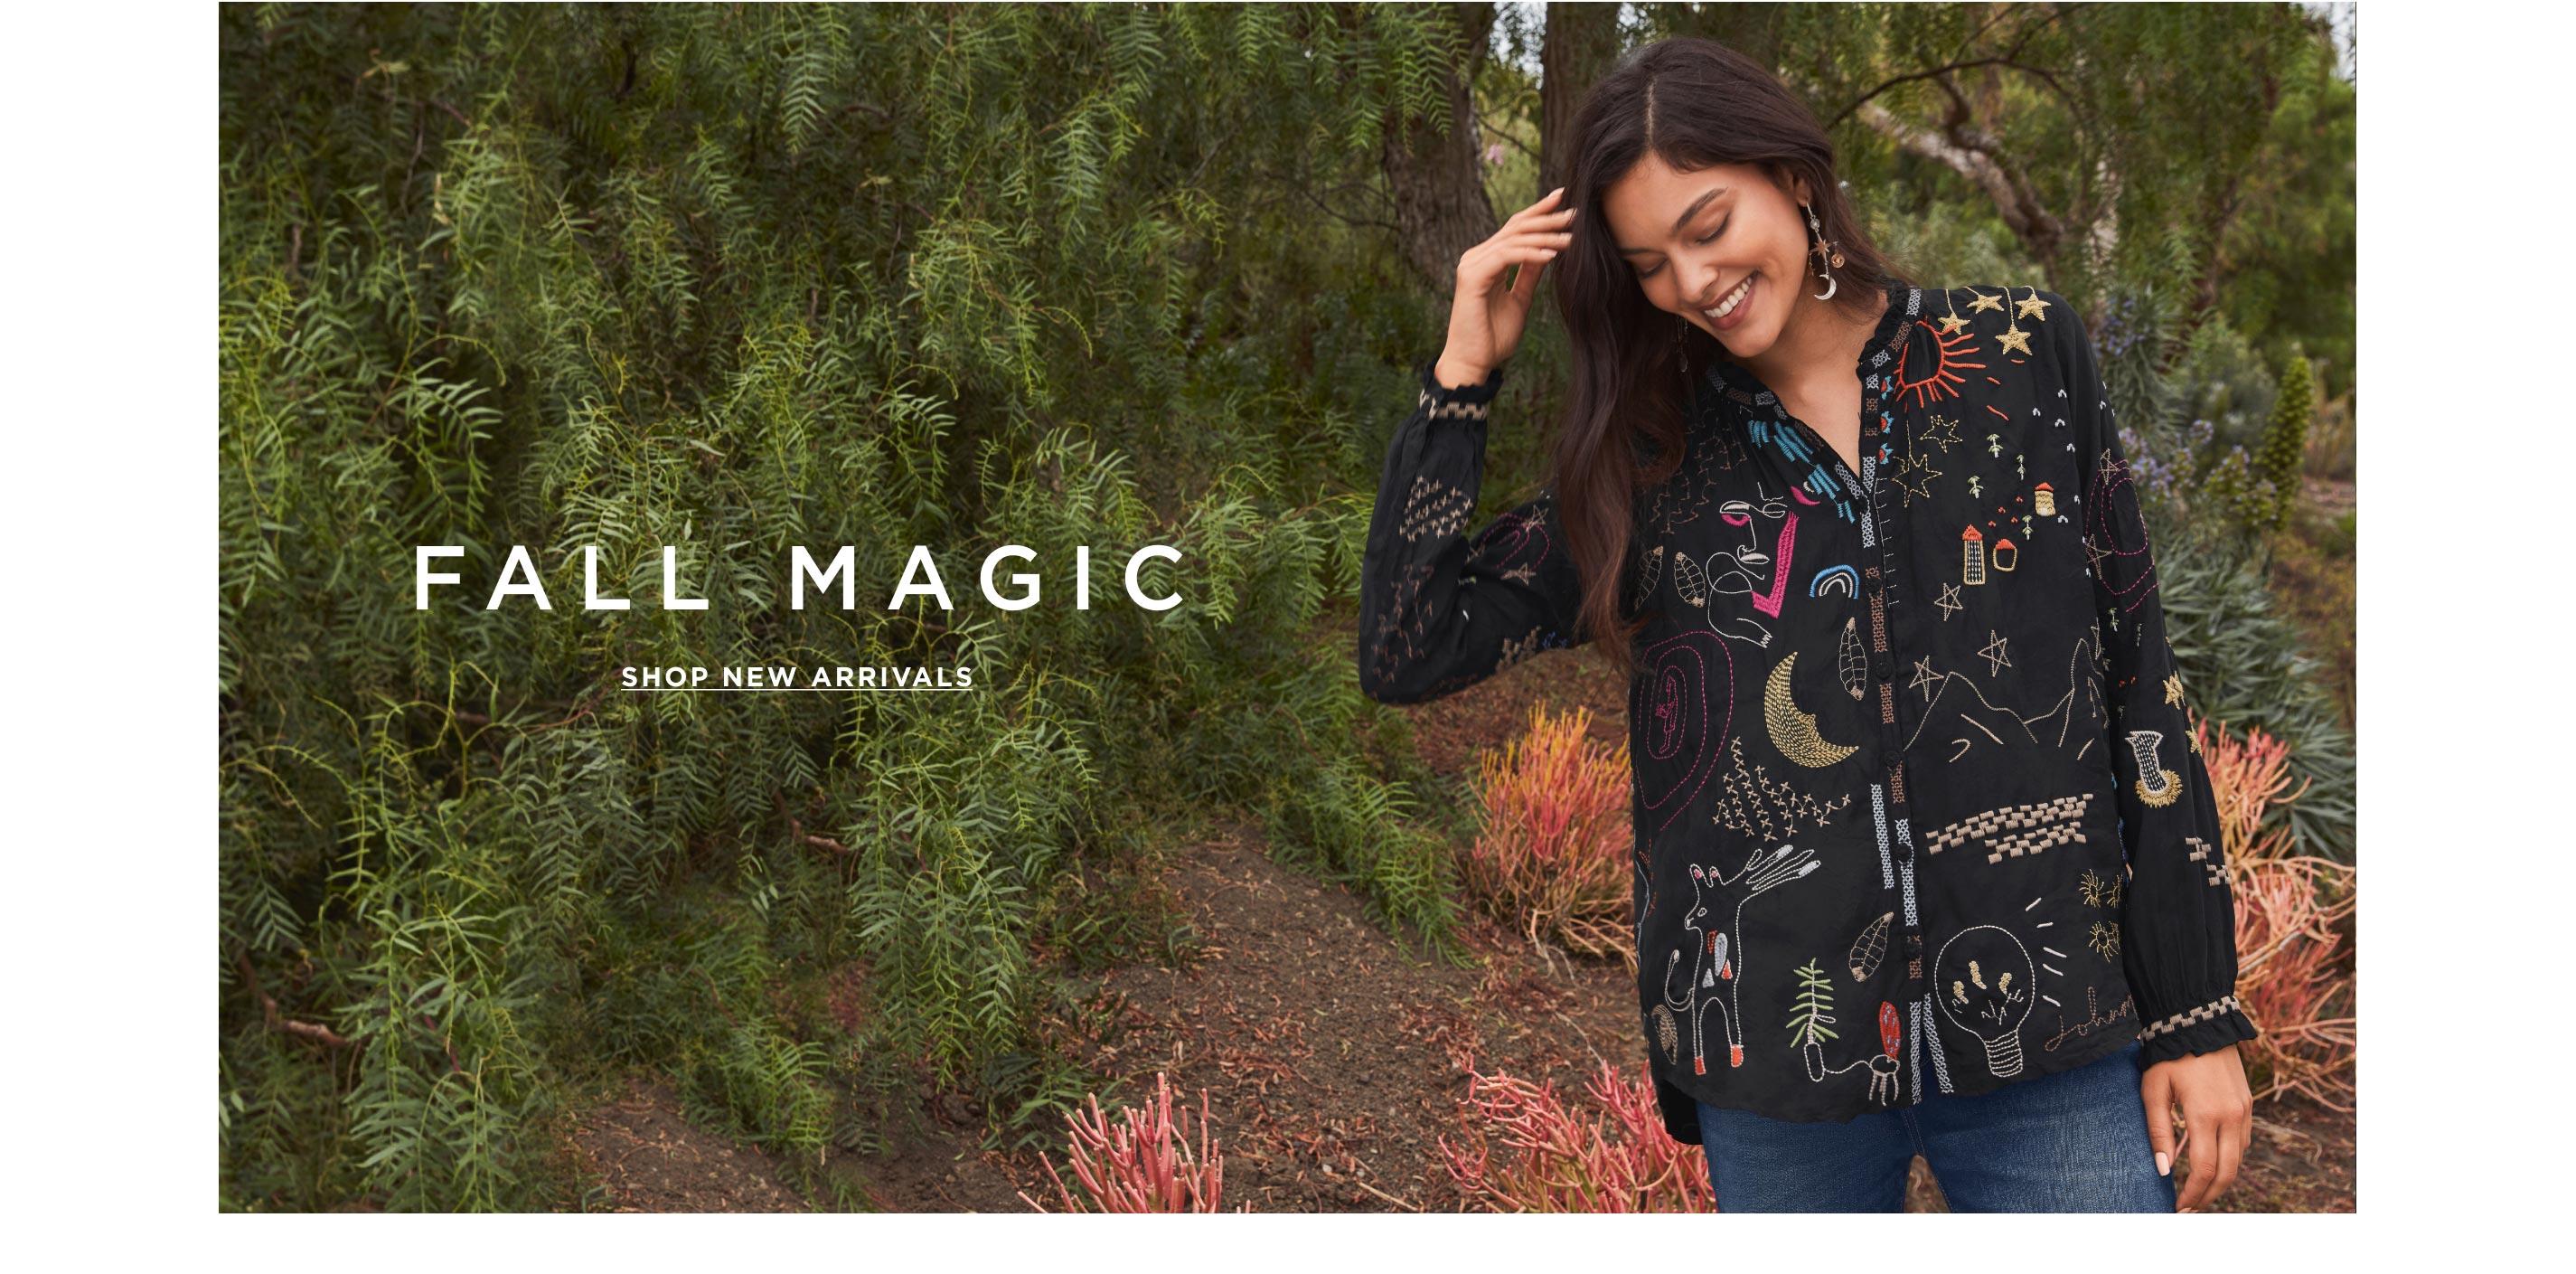 Fall Magic – Shop New Arrivals